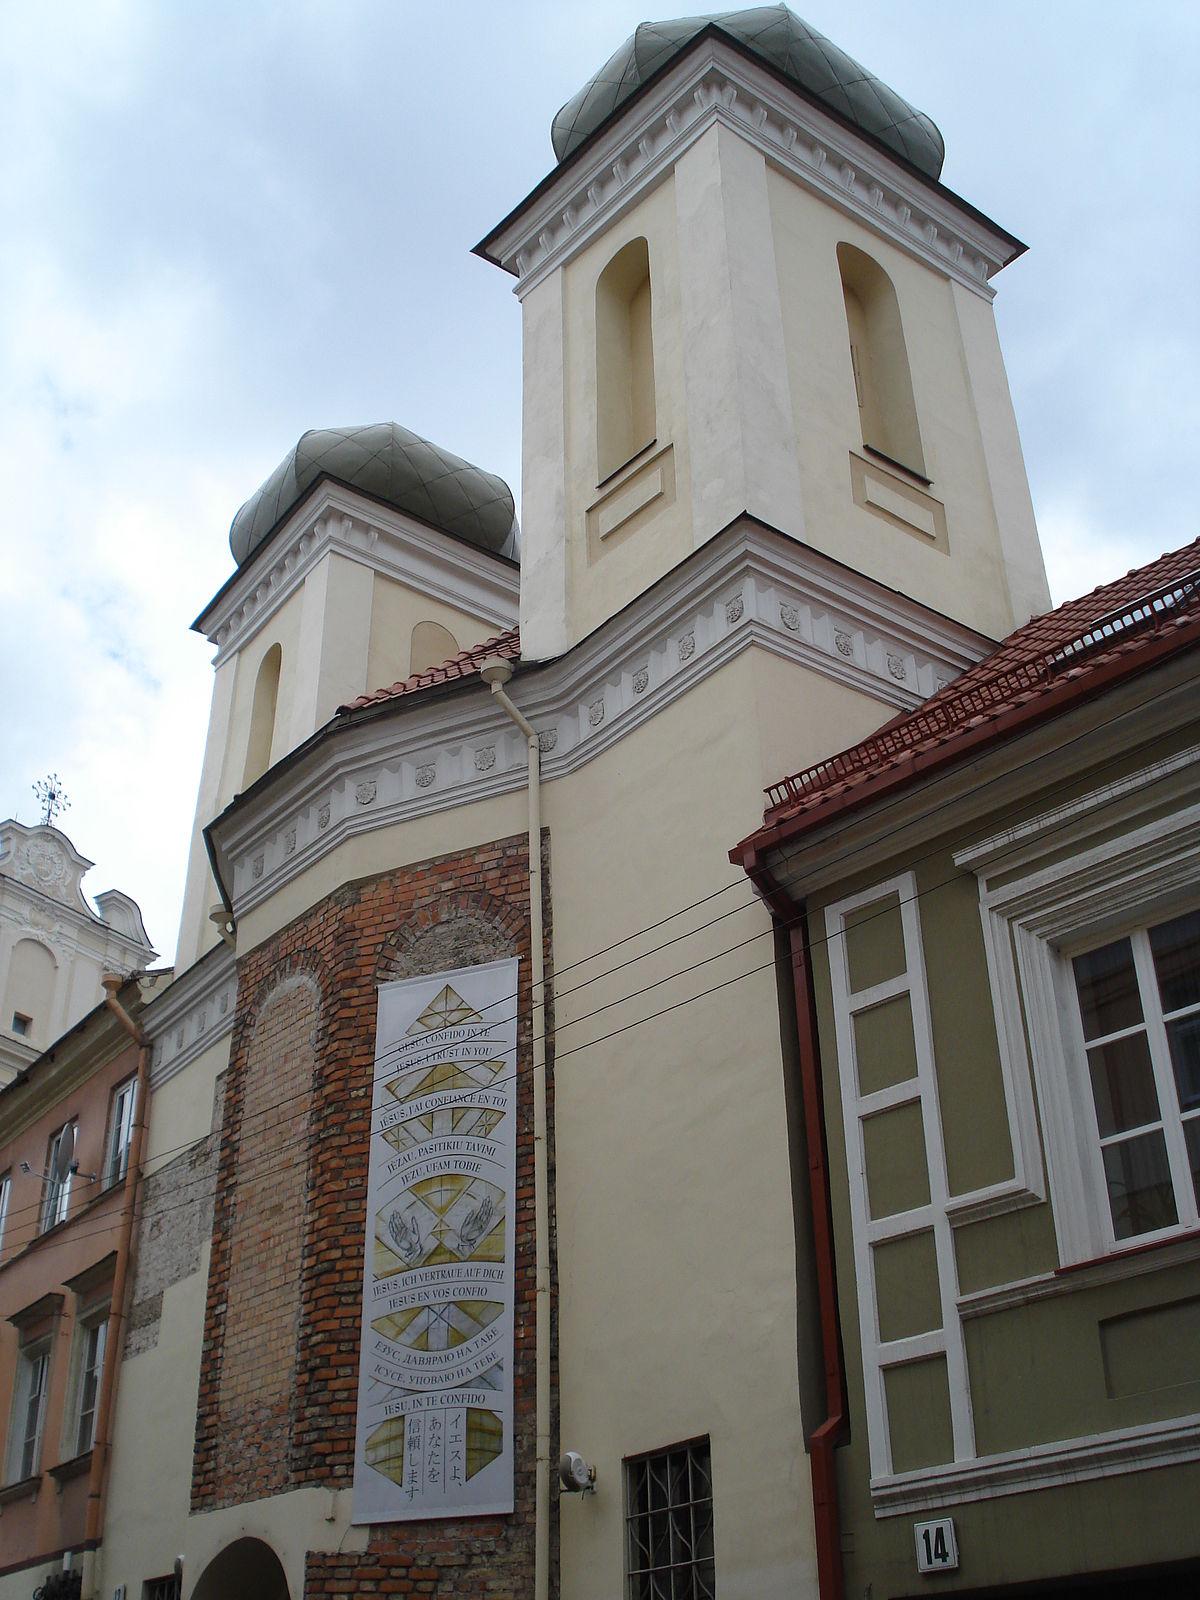 Vilnius divine mercy image